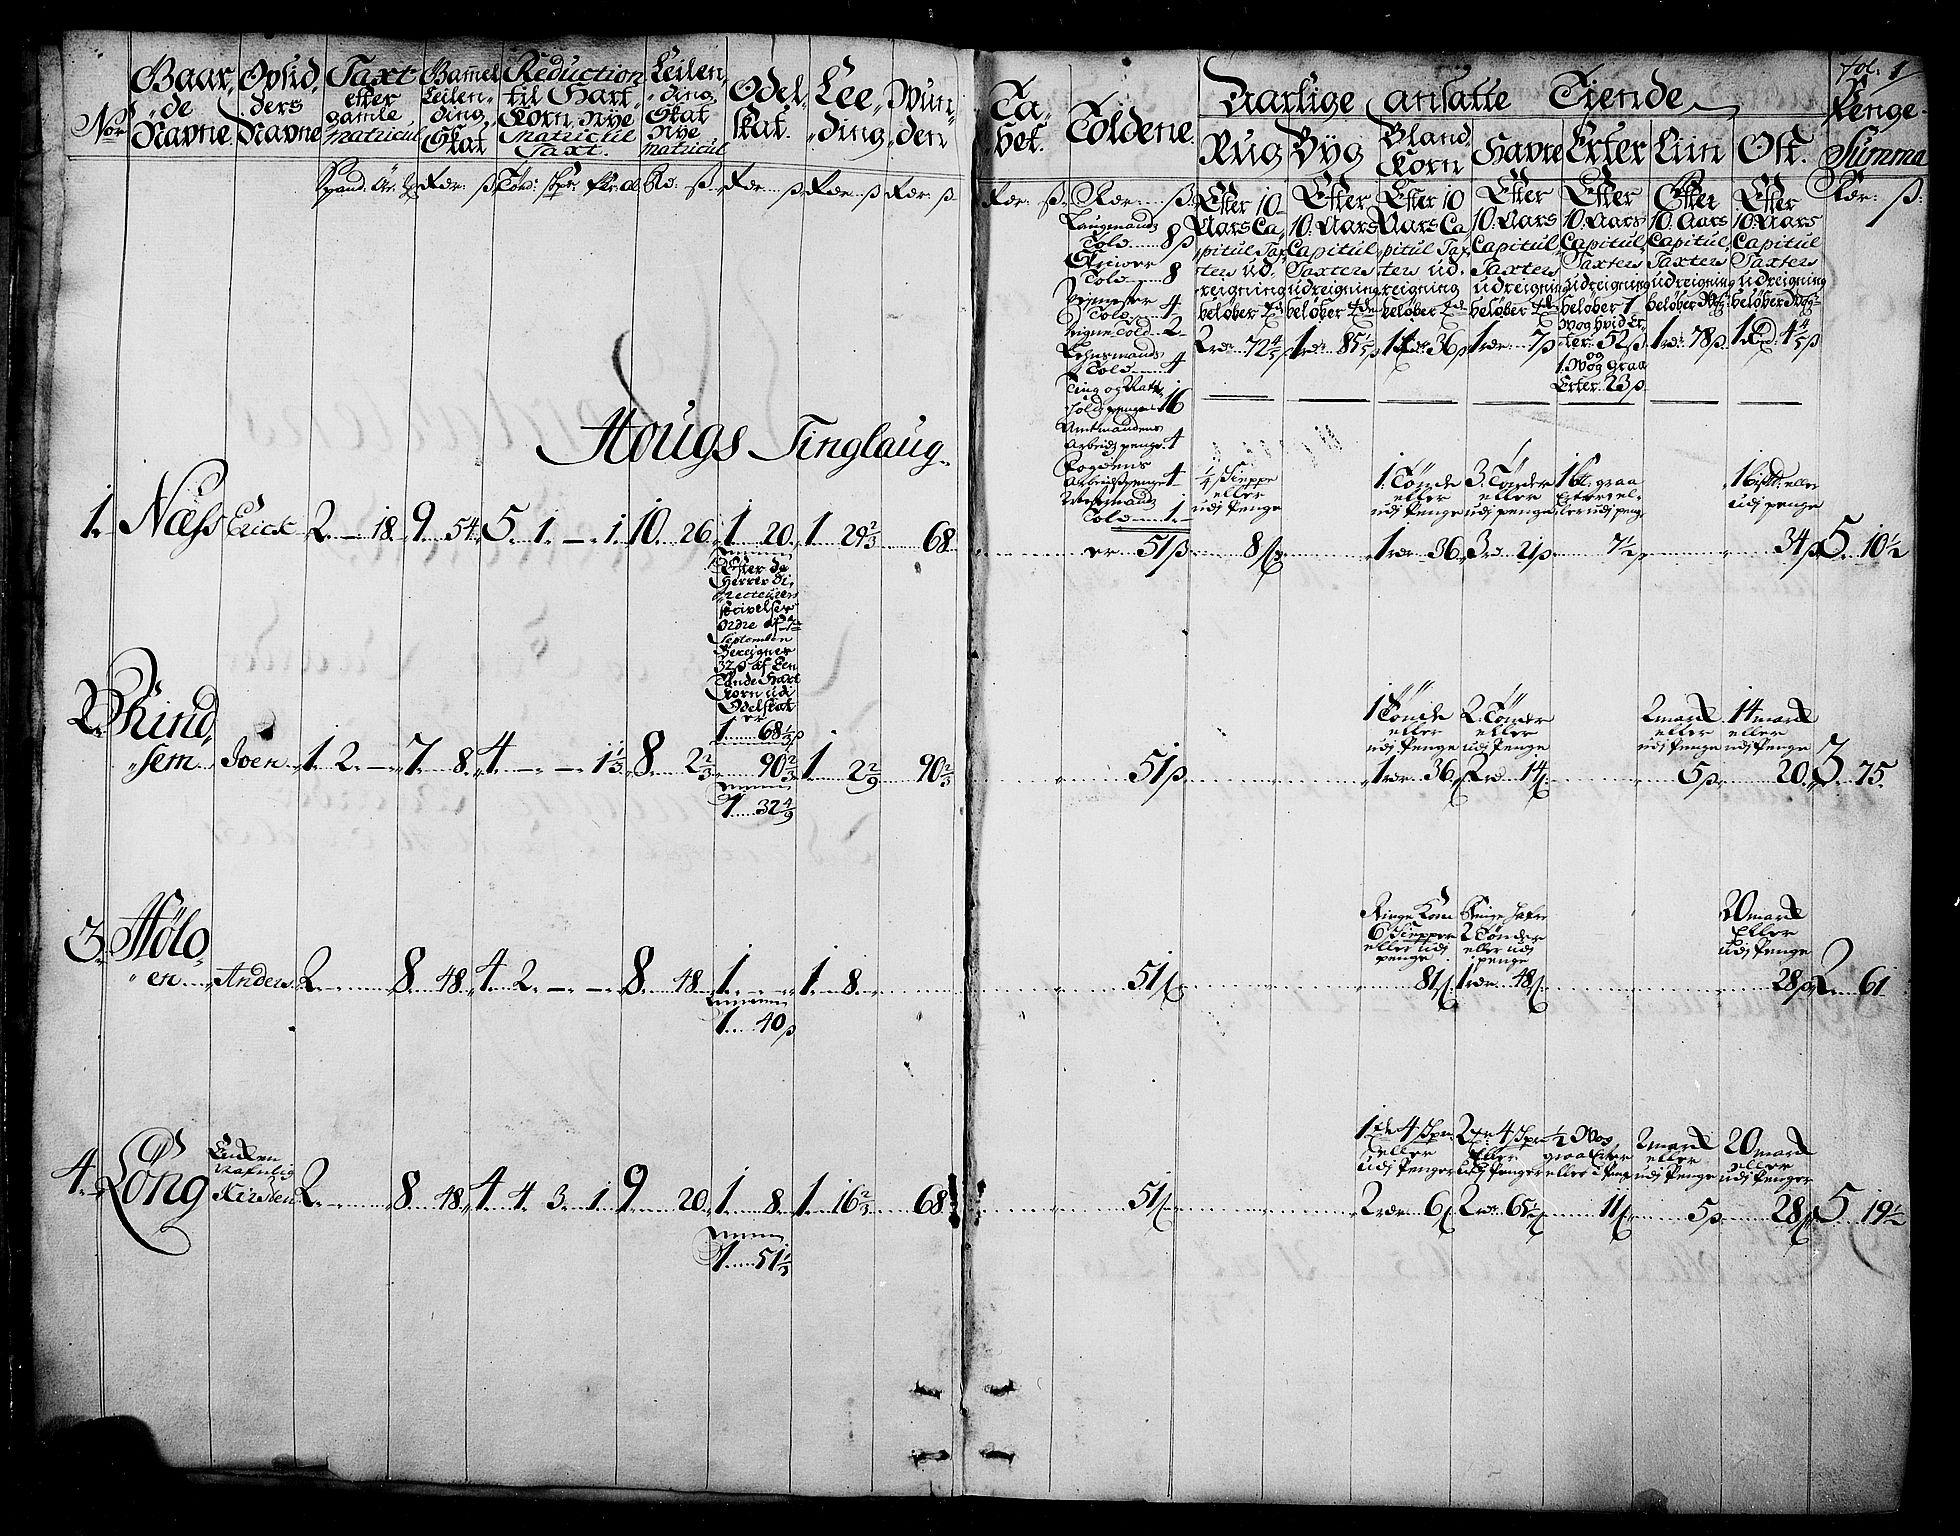 RA, Rentekammeret inntil 1814, Realistisk ordnet avdeling, N/Nb/Nbf/L0165: Stjørdal og Verdal matrikkelprotokoll, 1723, s. 1a